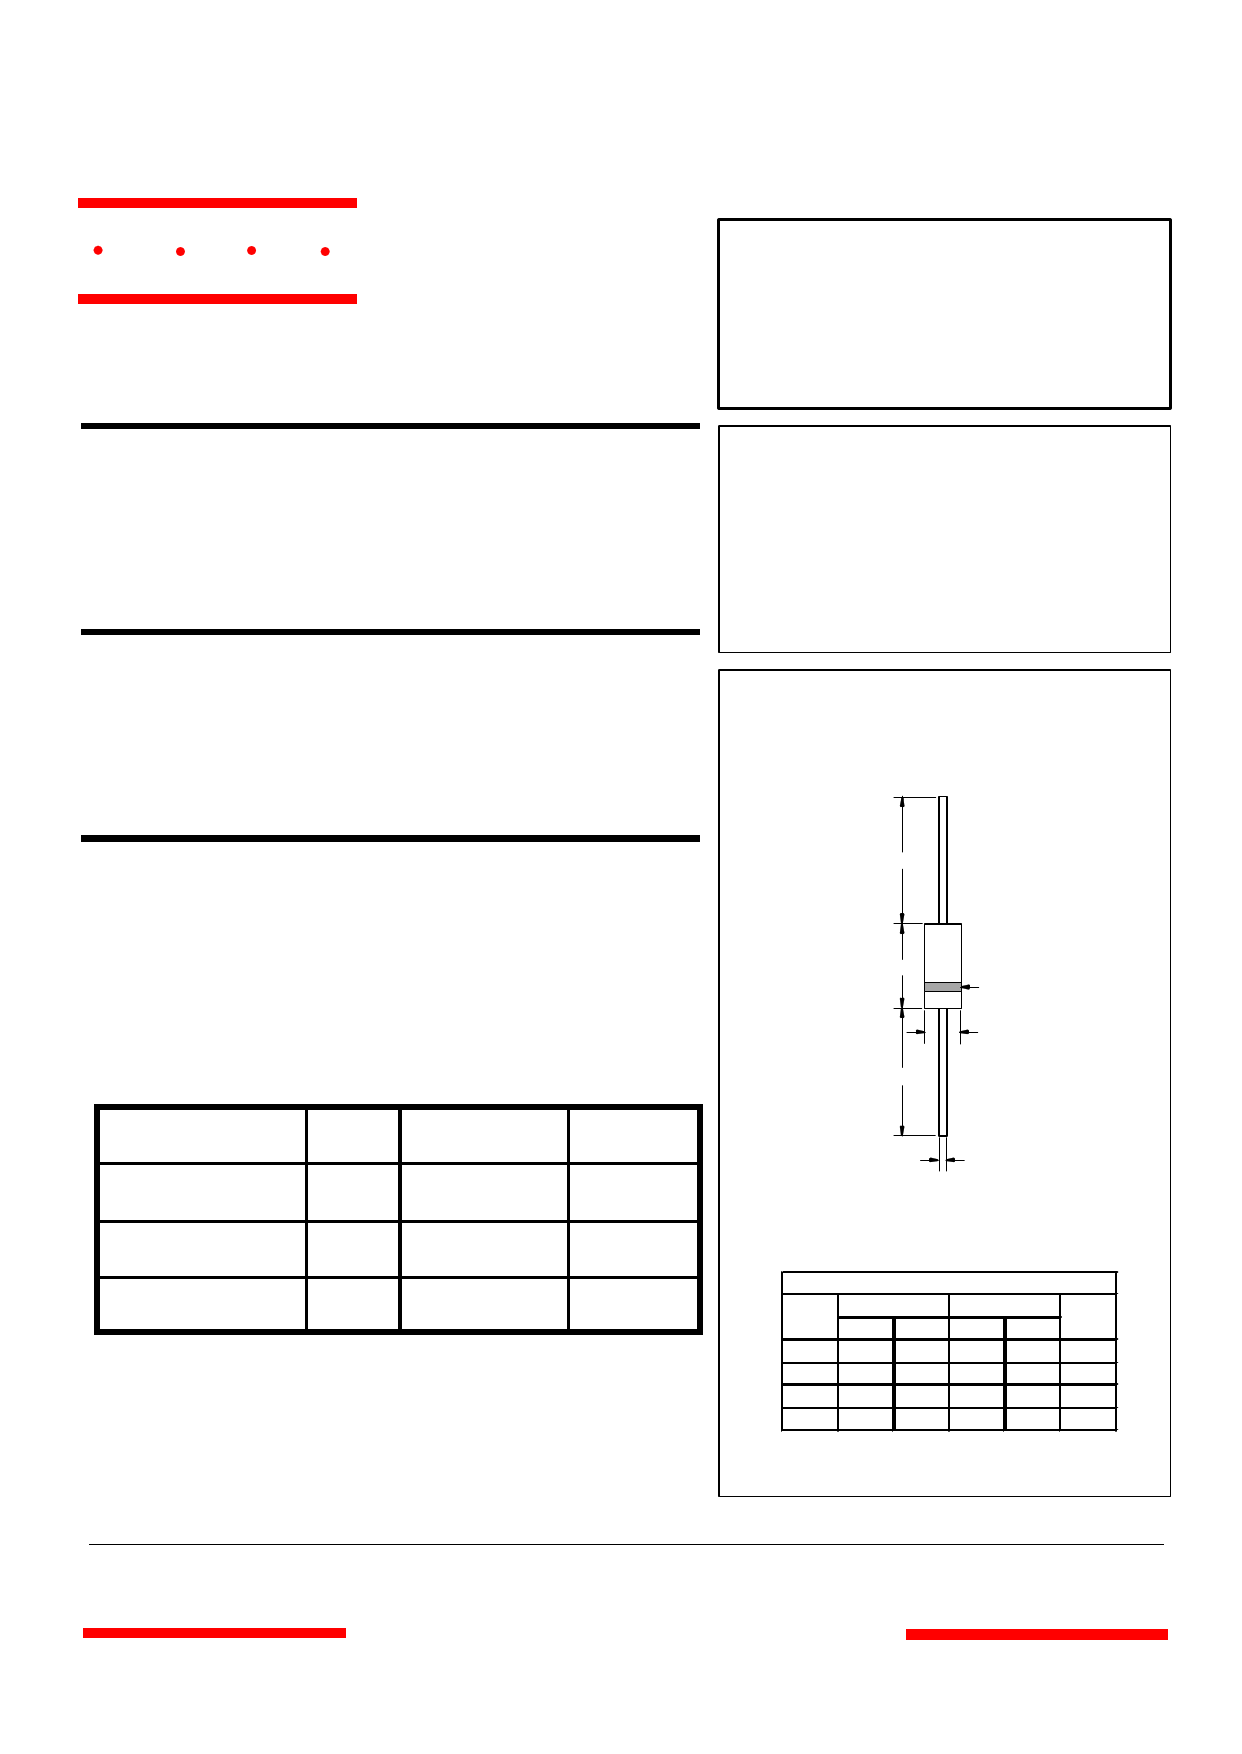 1N4745 Datasheet, 1N4745 PDF,ピン配置, 機能